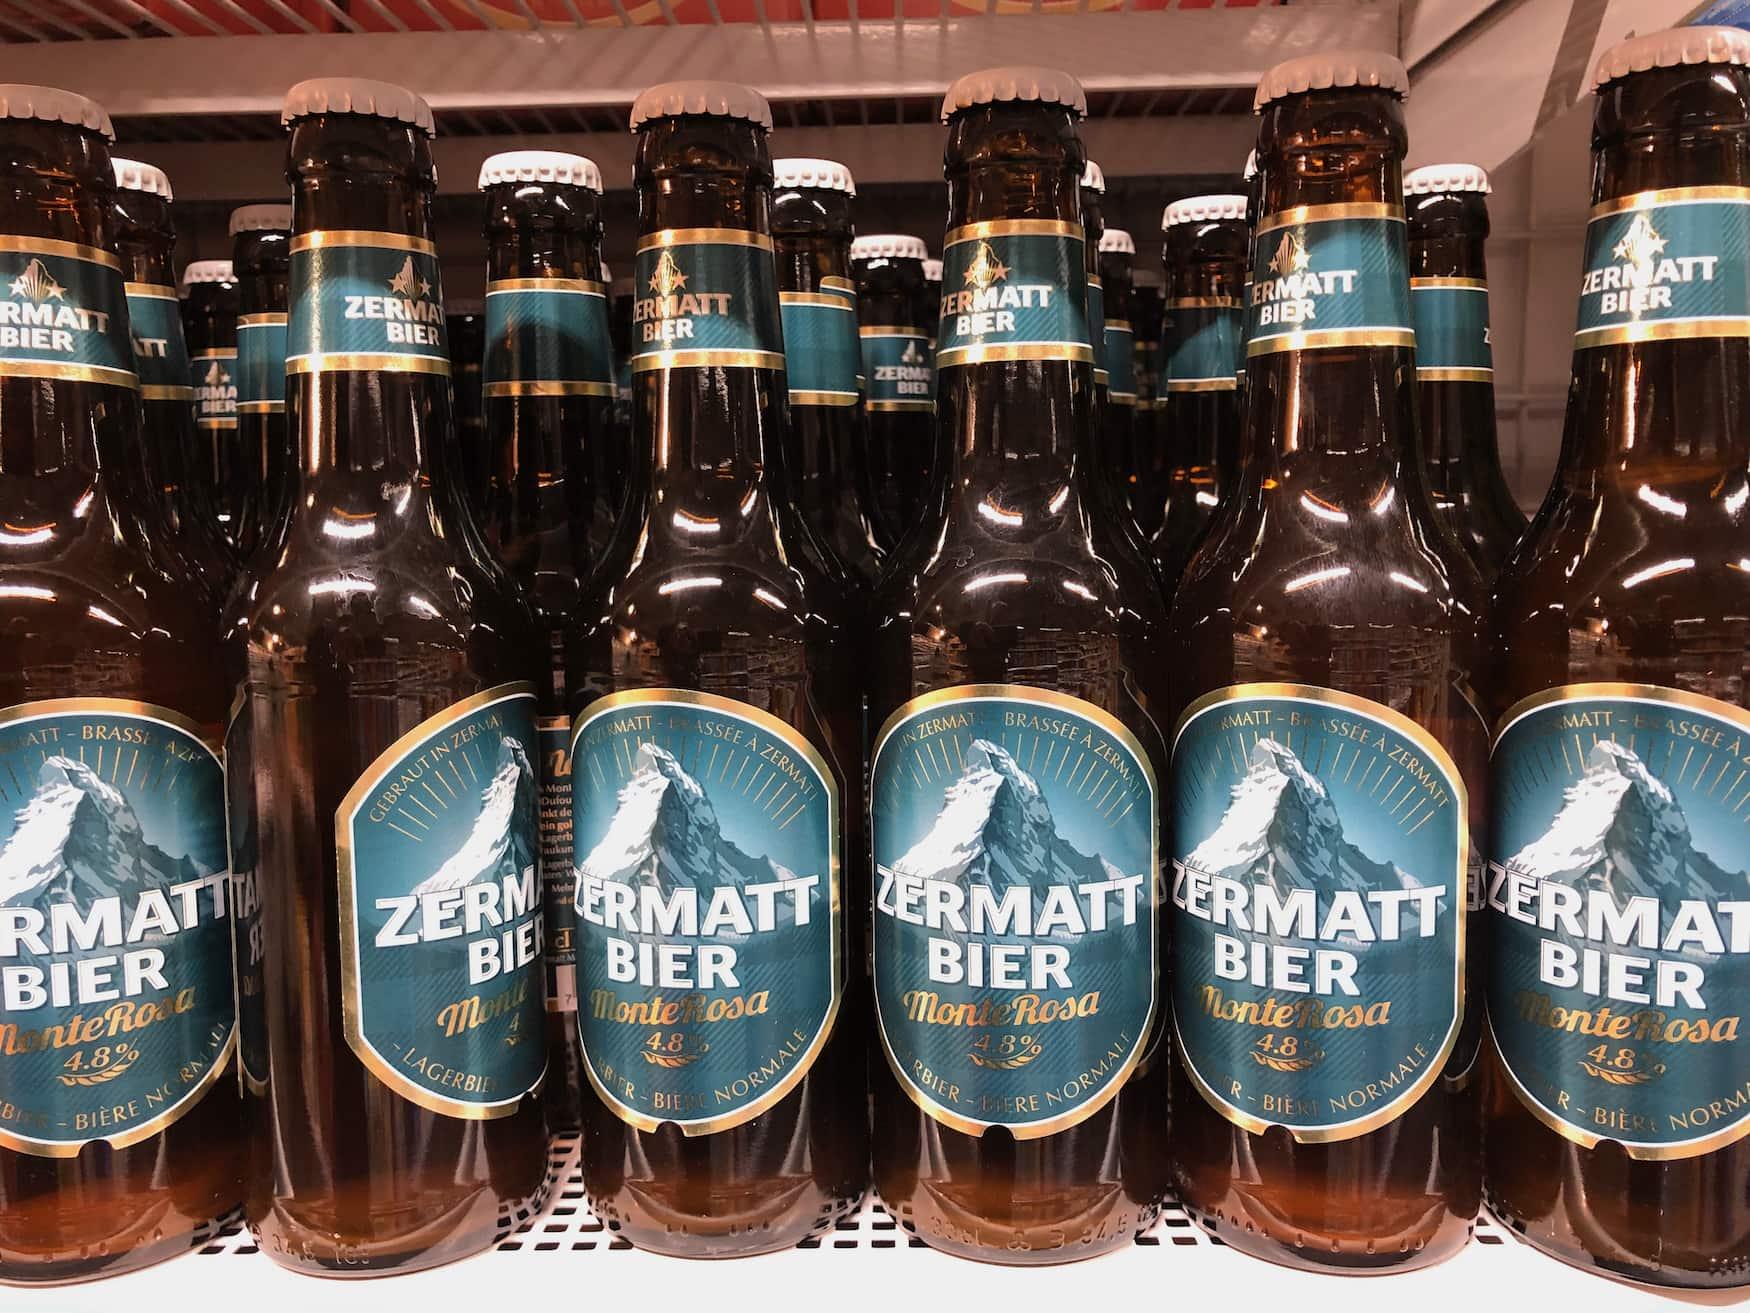 Bier-Etikett Zermatt Matterhorn Bier